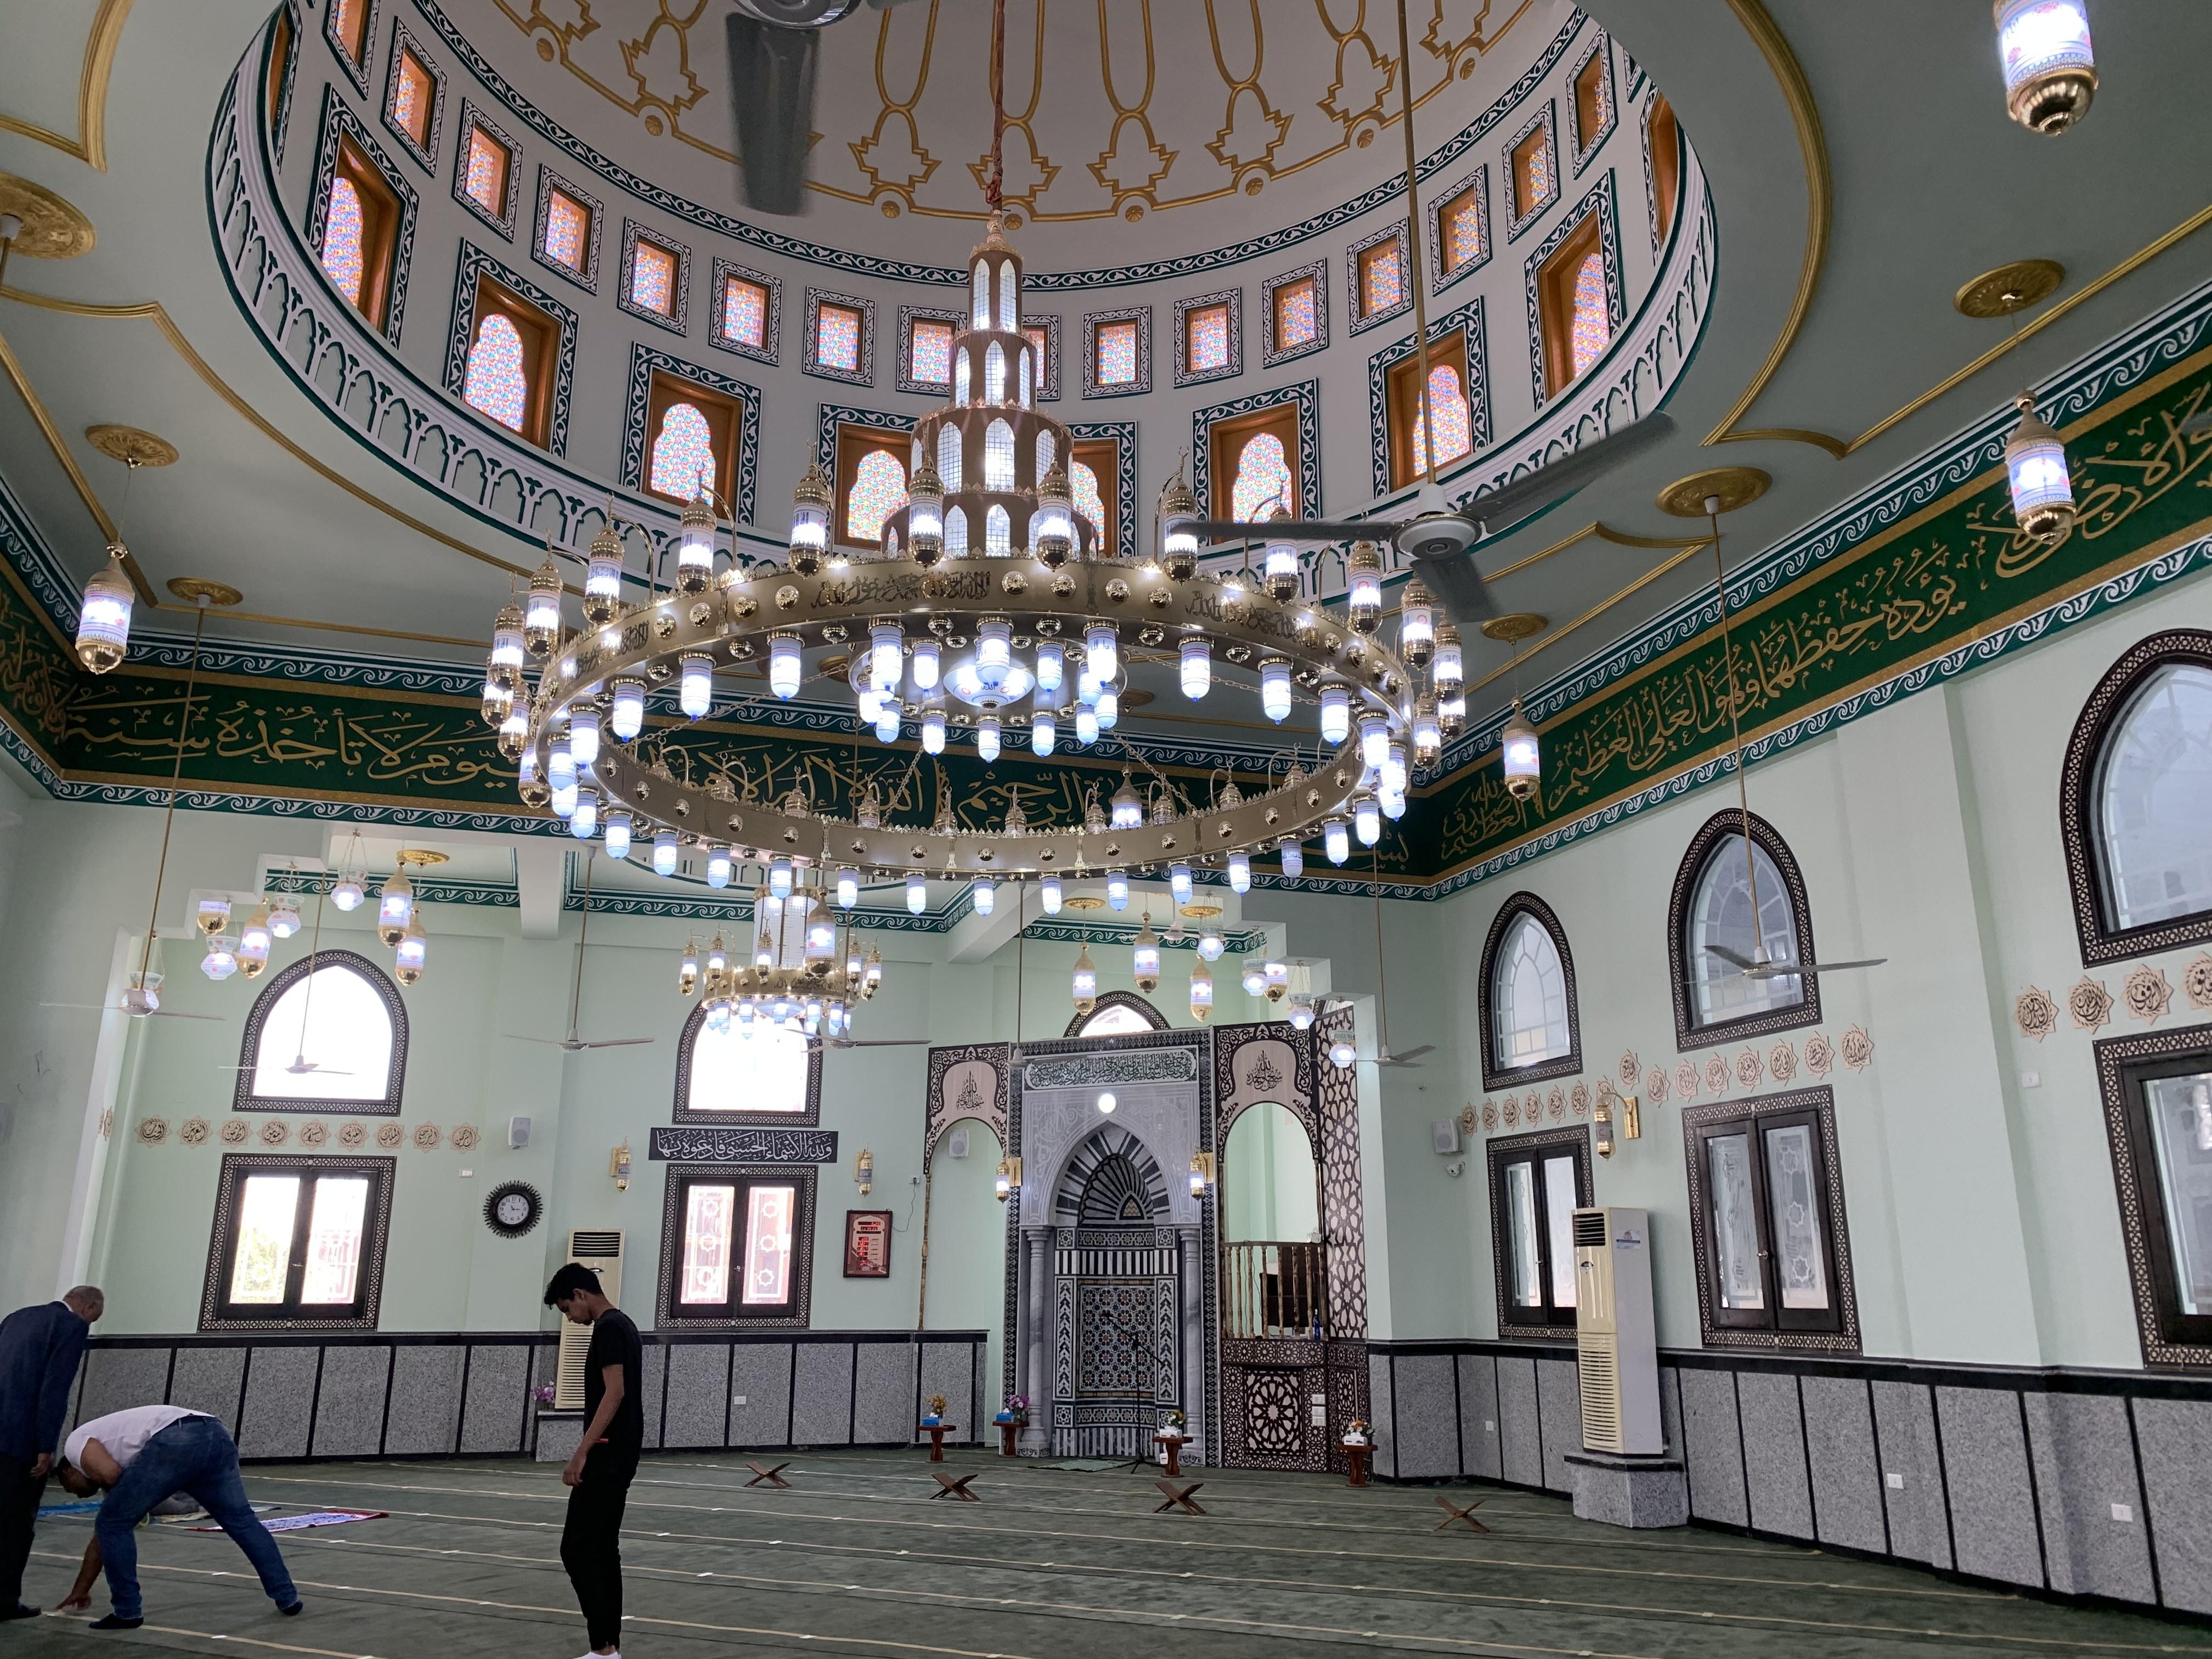 افتتاح مسجد التواب بمدينة الغردقة (4)